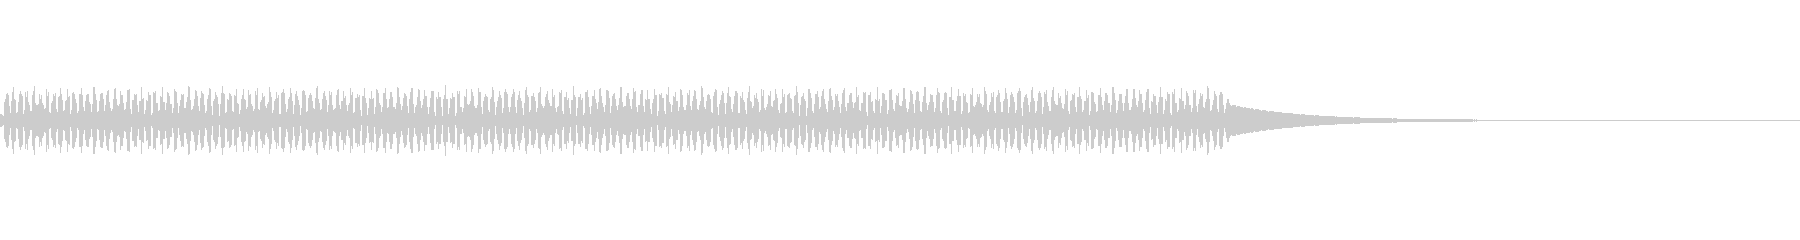 電話/ボタン/押す/プッ/タイプ2の未再生の波形